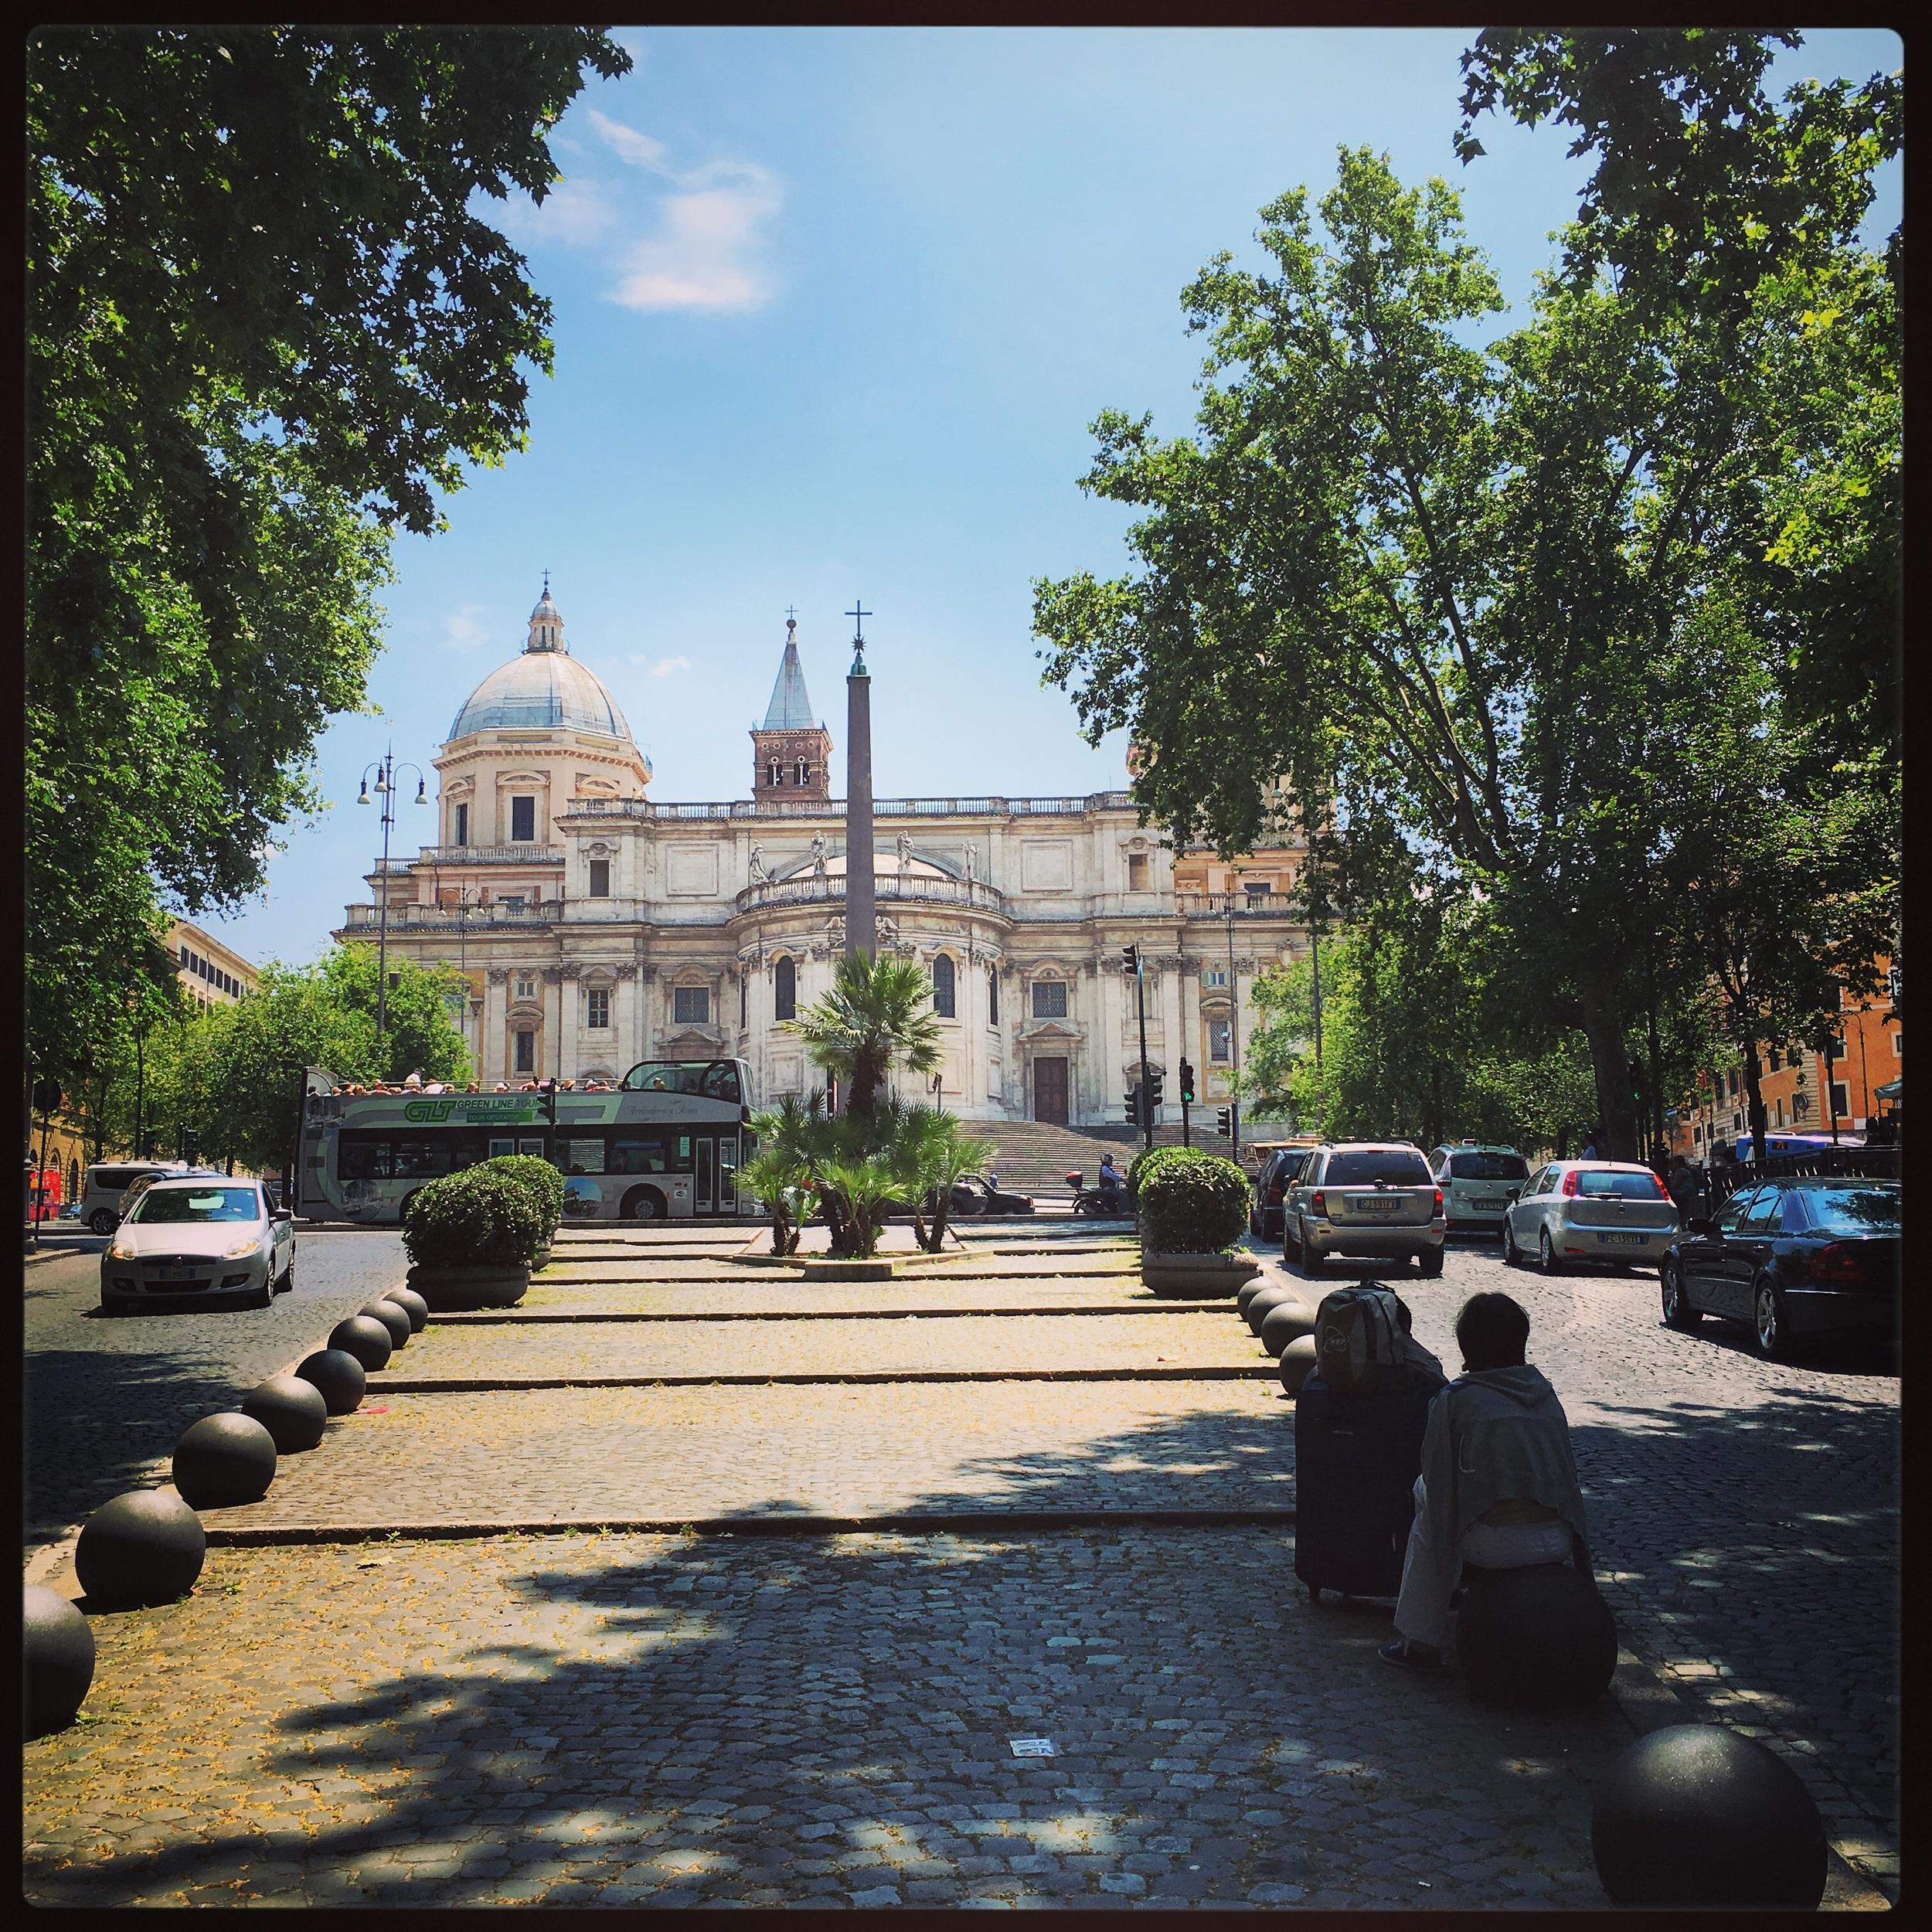 Piazza dell'Esquino